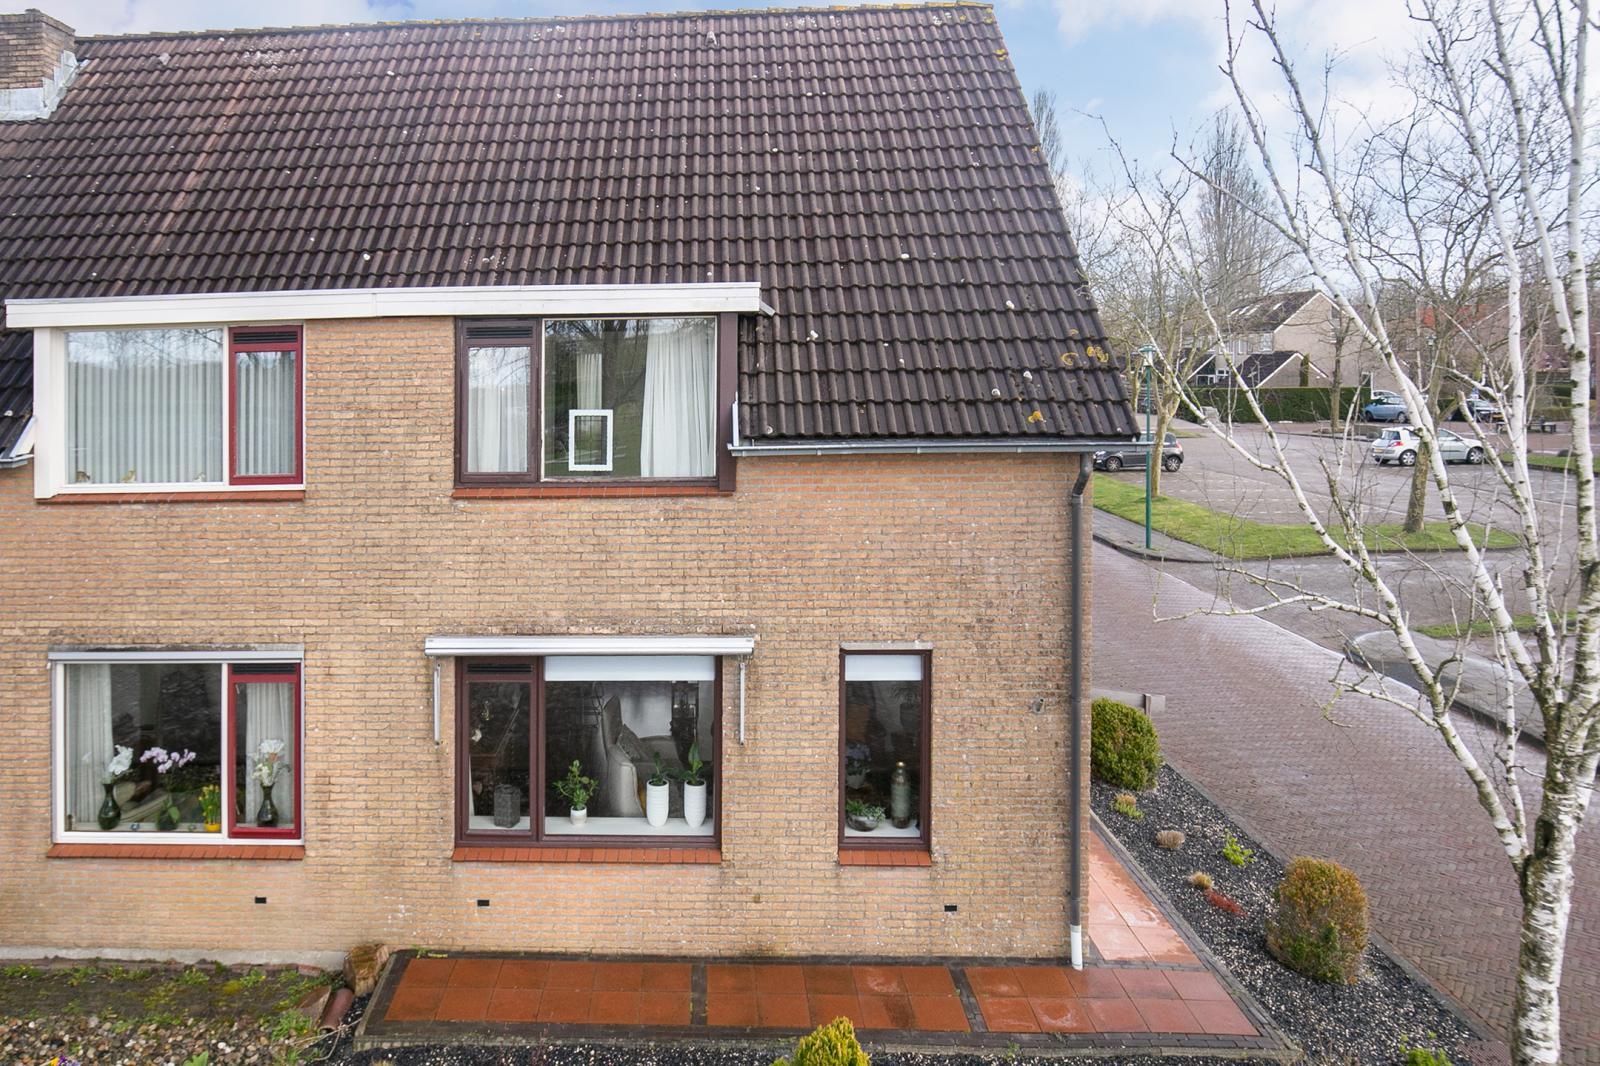 zeino-van-burmaniastrjitte-15-oppenhuizen-1091